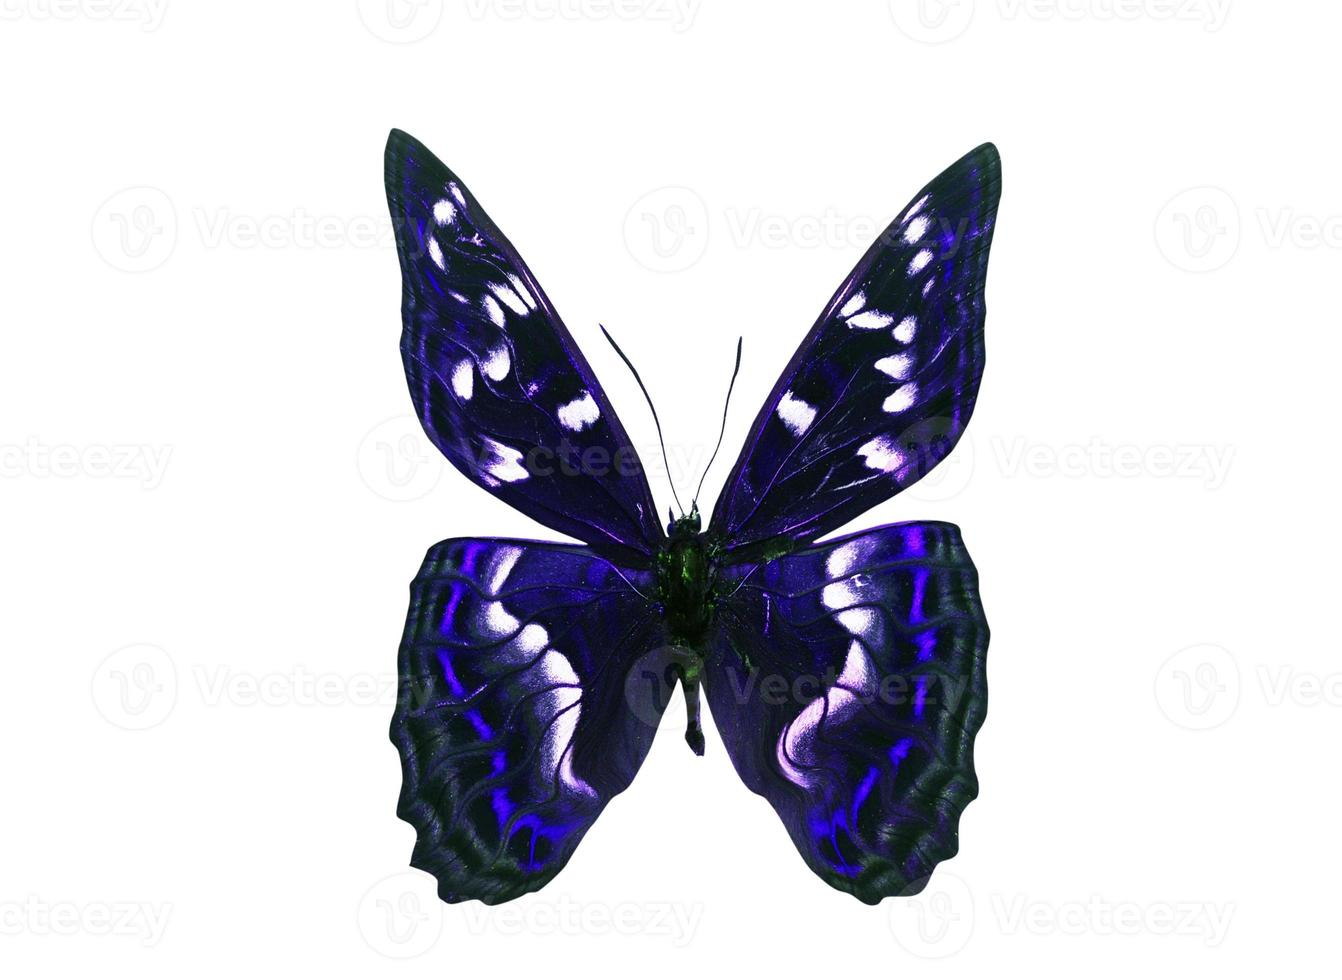 papillon de couleur sombre avec des ailes violettes. isolé sur fond blanc photo